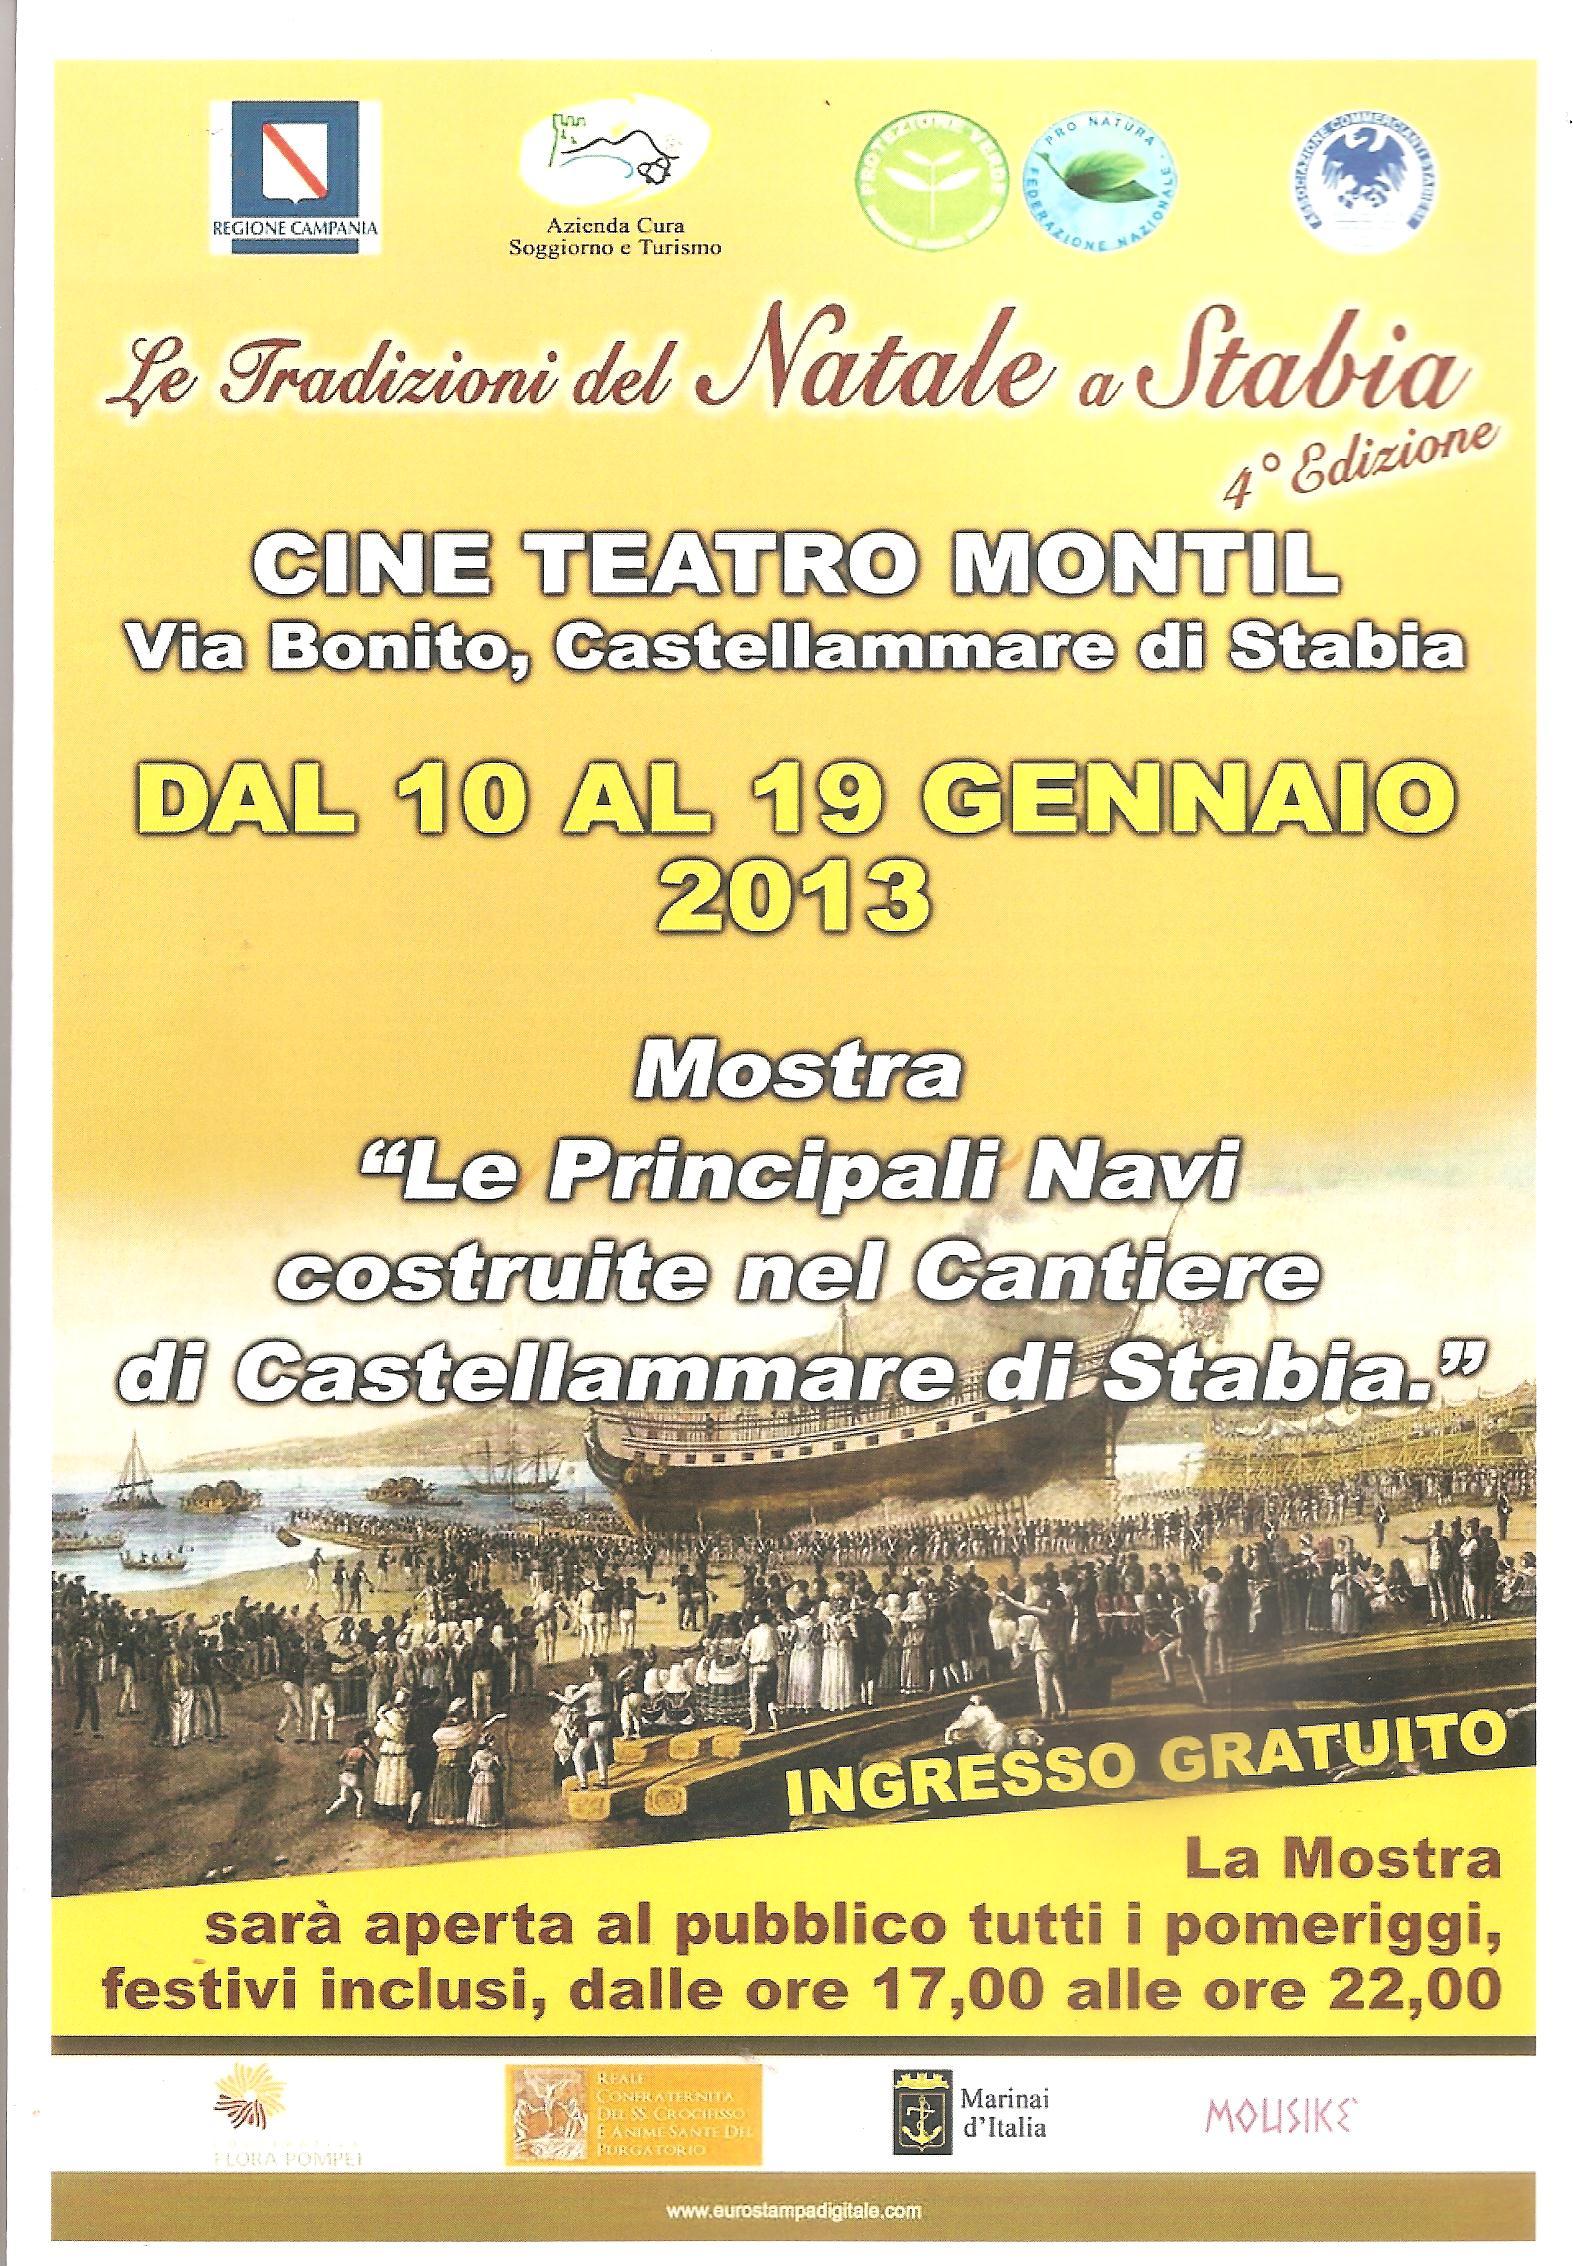 https://www.leganavalestabia.it/immagini_articoli/miniature/21357379571.jpg